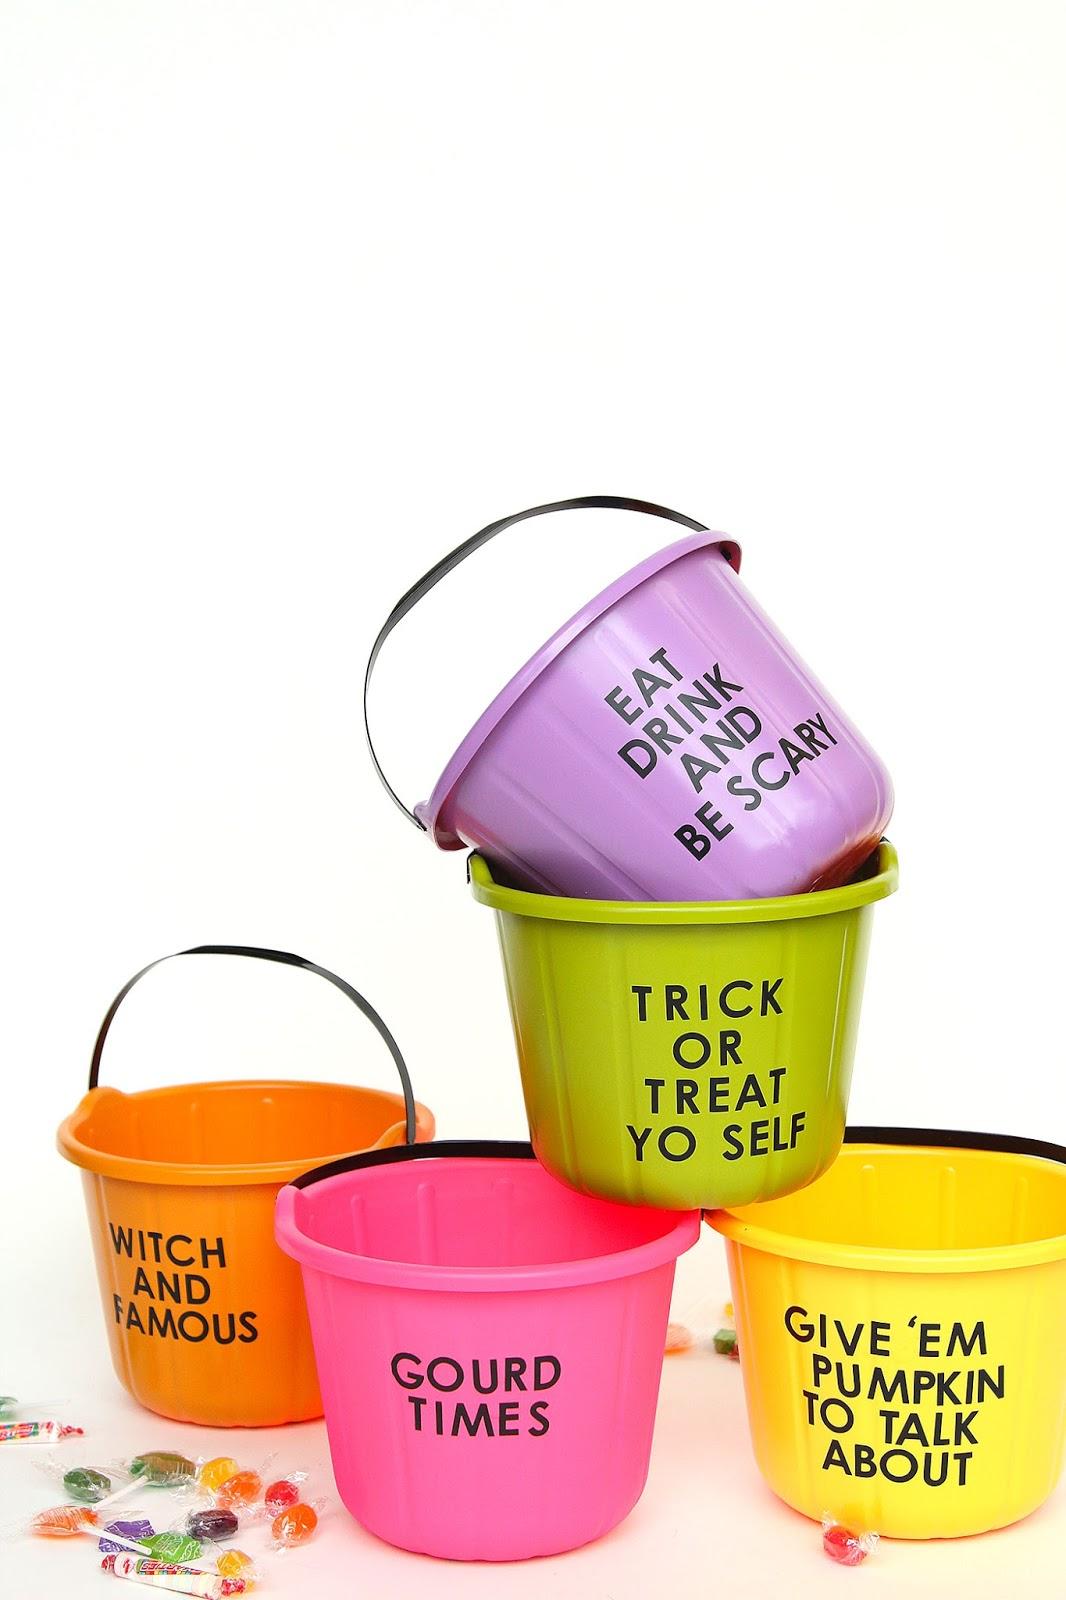 Hora de pedir doces: baldinhos coloridos com frases cheias e trocadilhos com temas do halloween